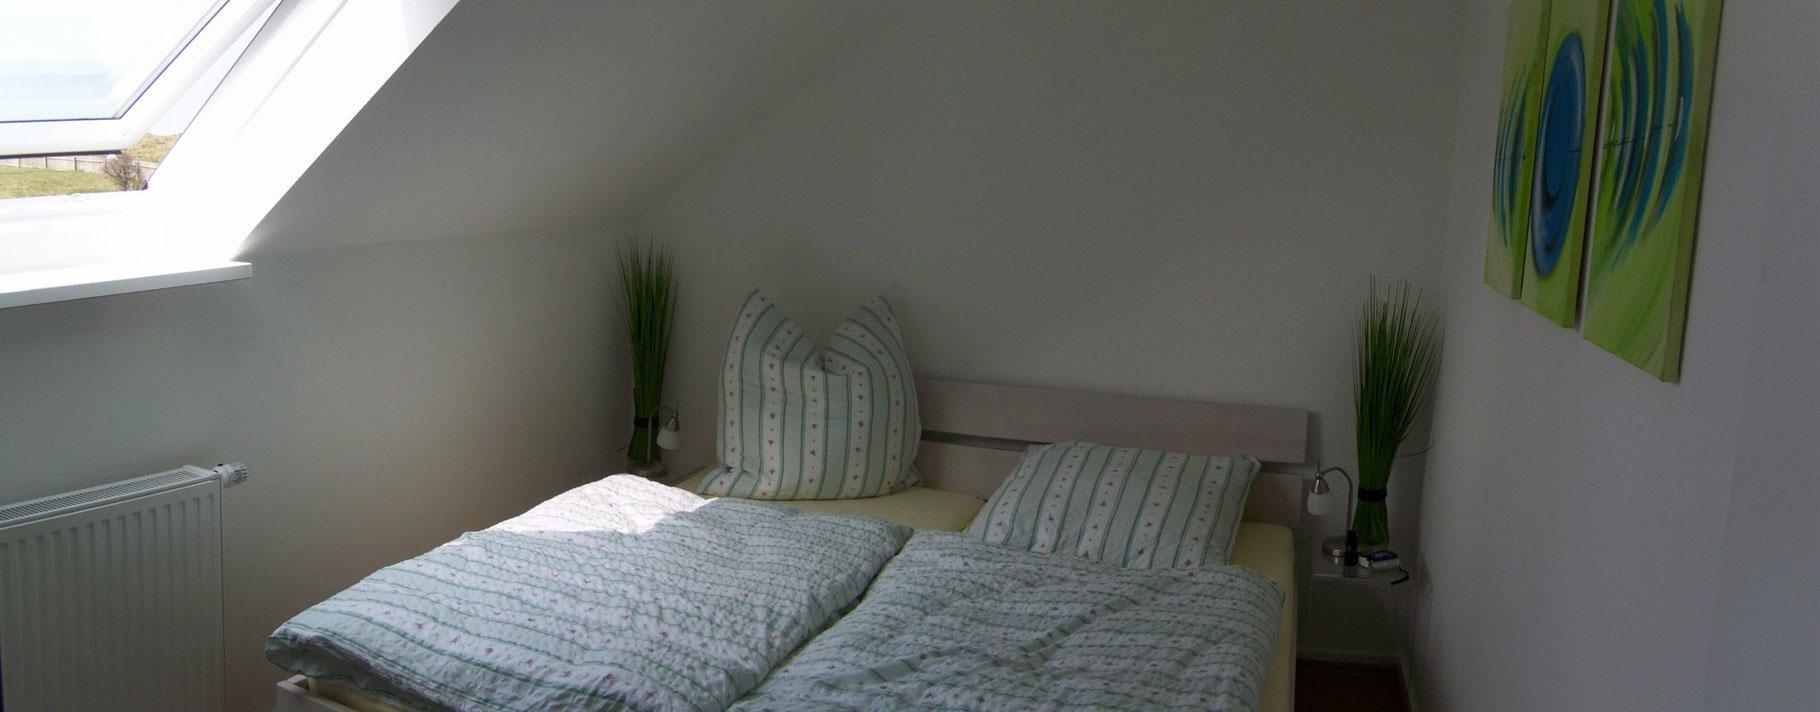 Schlafzimmer 19 oben - Ferienhaus Marder Helgoland